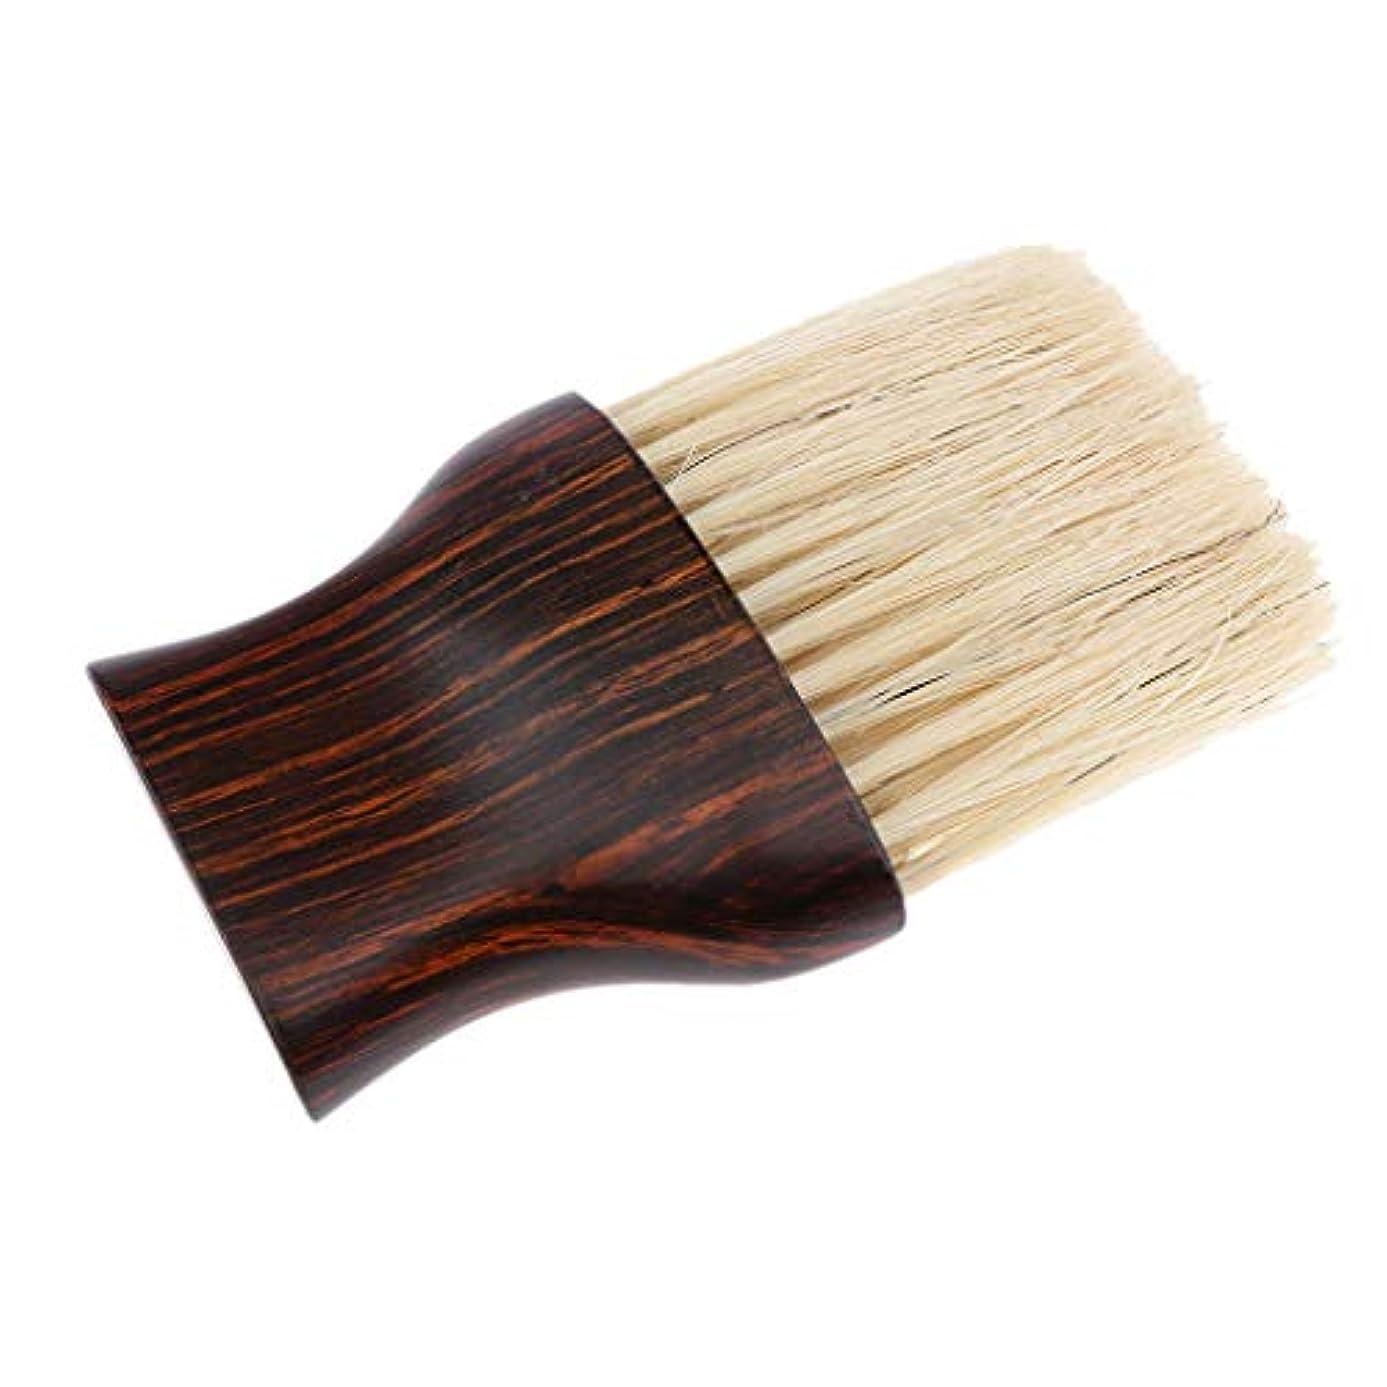 司令官翻訳認可ネックダスターブラシ ヘアカットブラシ クリーニング ヘアブラシ 理髪美容ツール